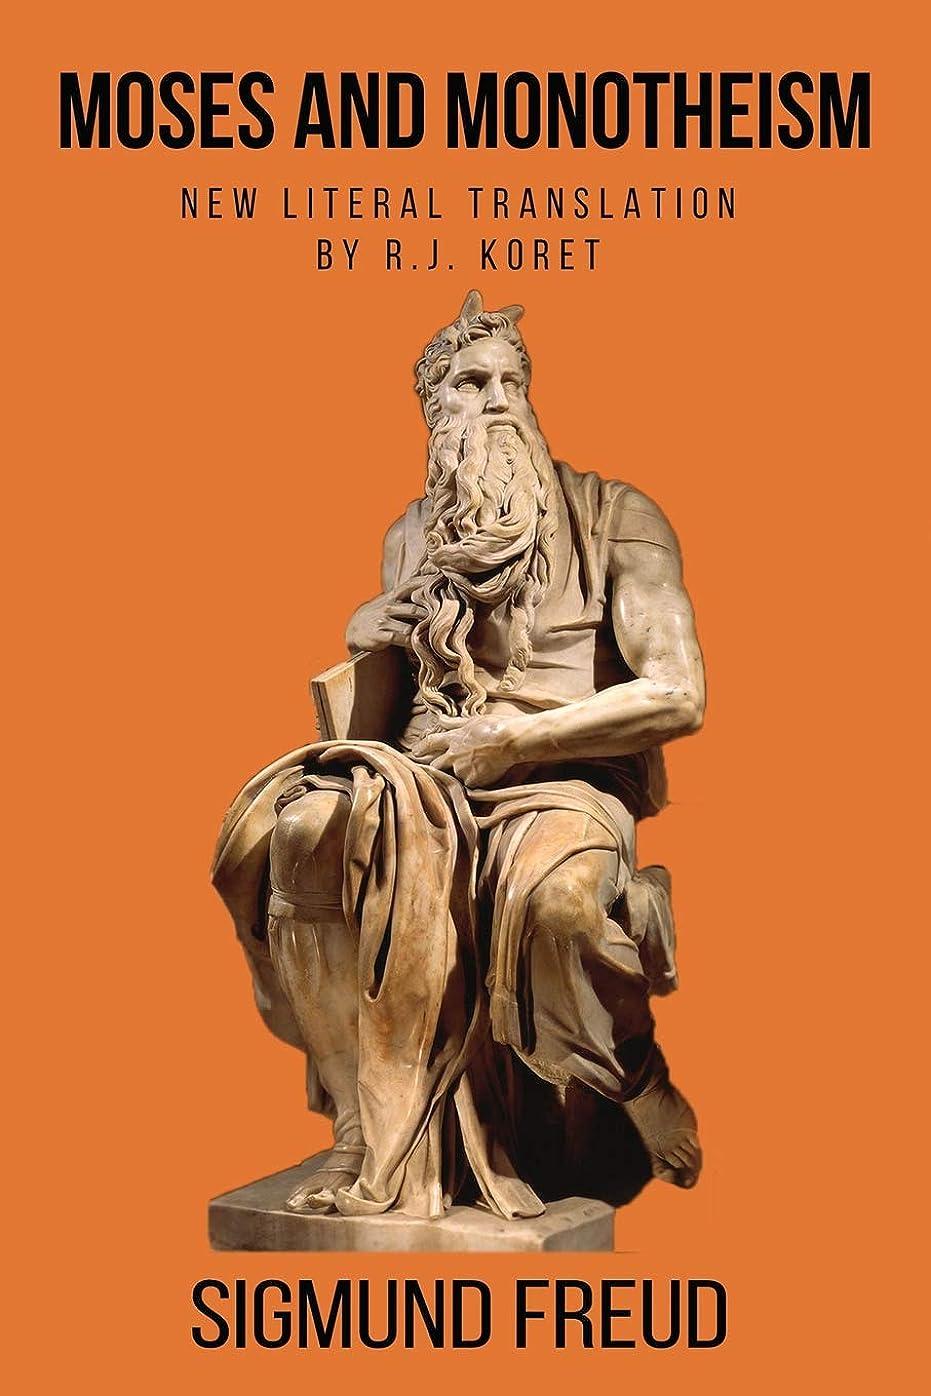 アパル一部今Moses and Monotheism: New Literal Translation by R.J. Koret (Freud's Moses)